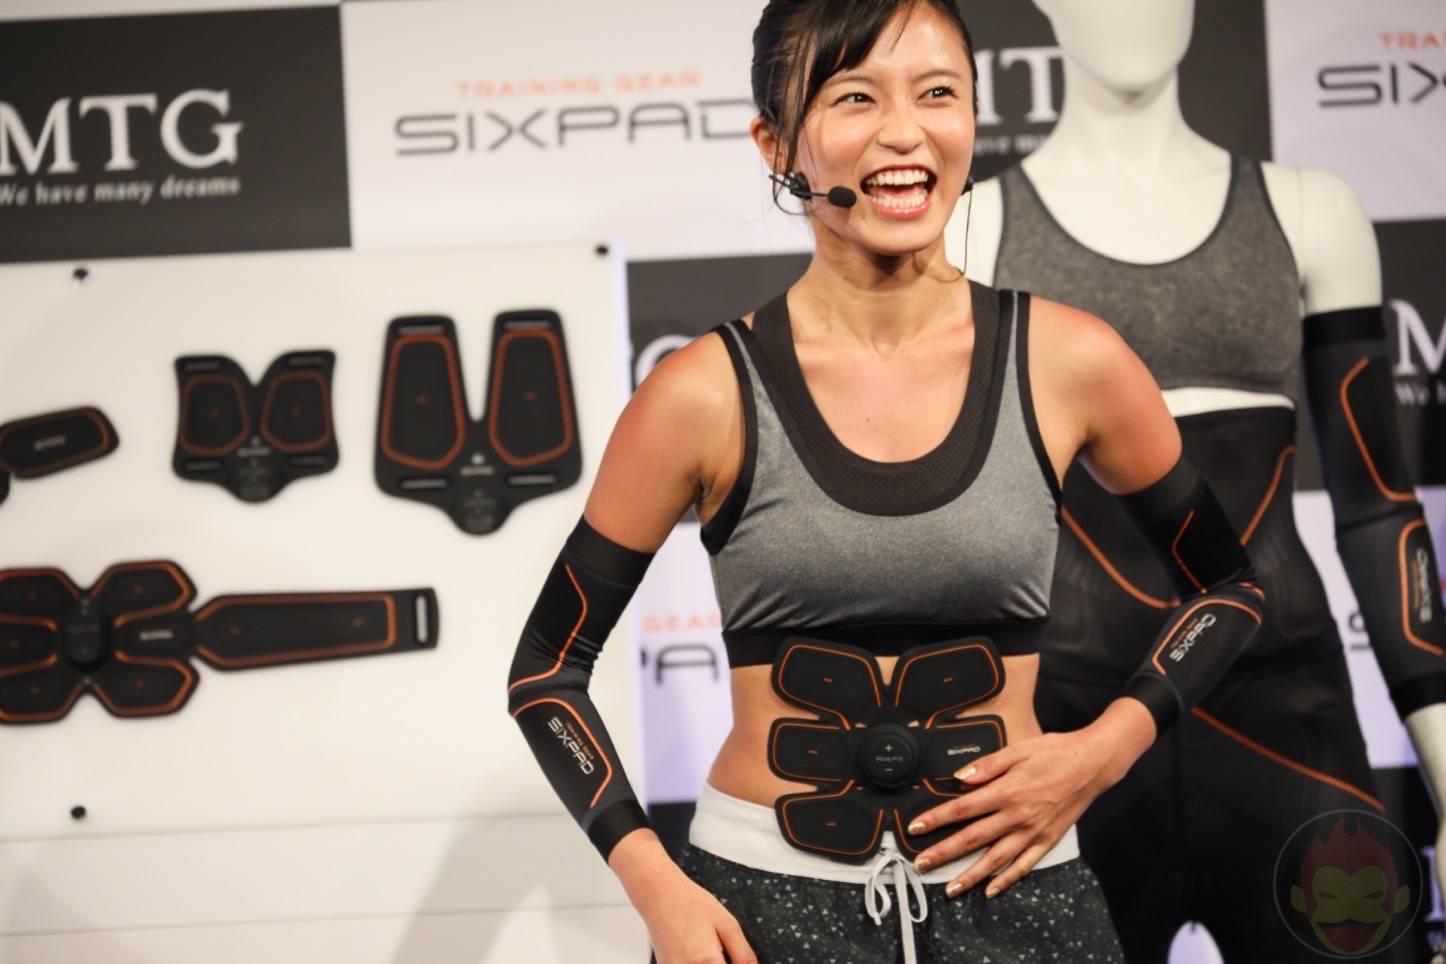 SIXPADの新製品発表会で腹筋を追い込まれるこじるり